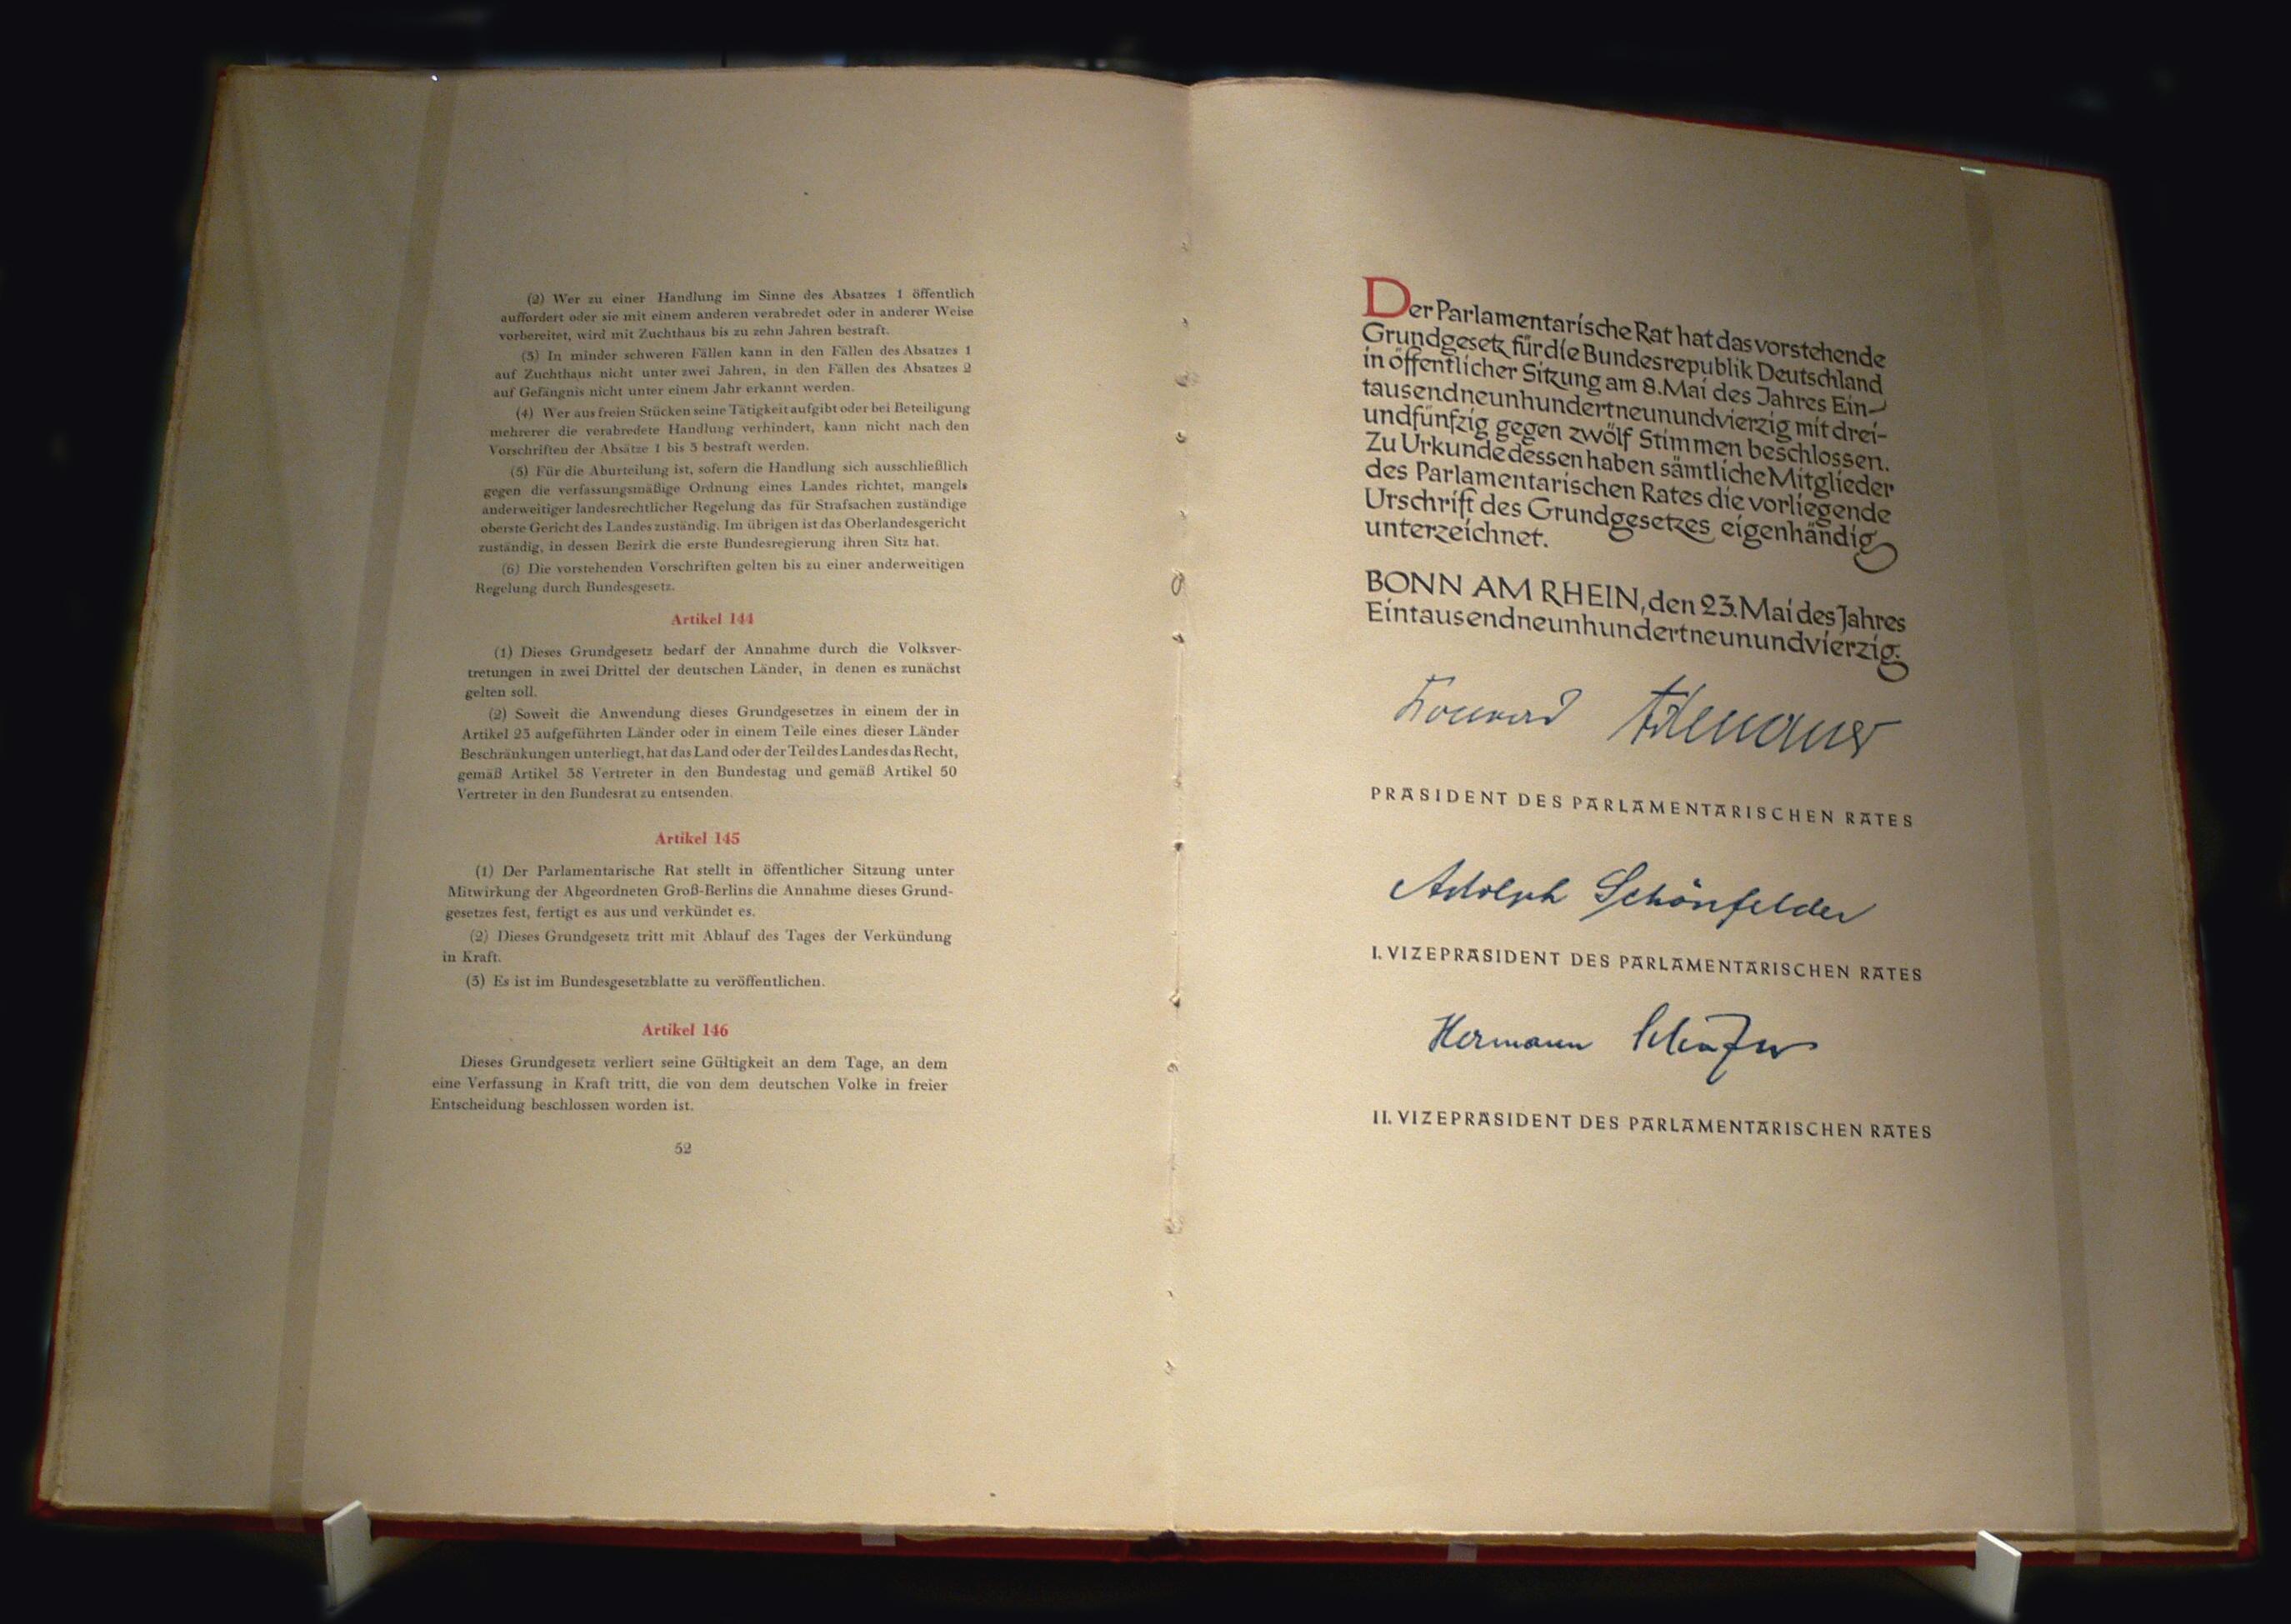 Veja o que saiu no Migalhas sobre Lei Fundamental da República Federal da Alemanha